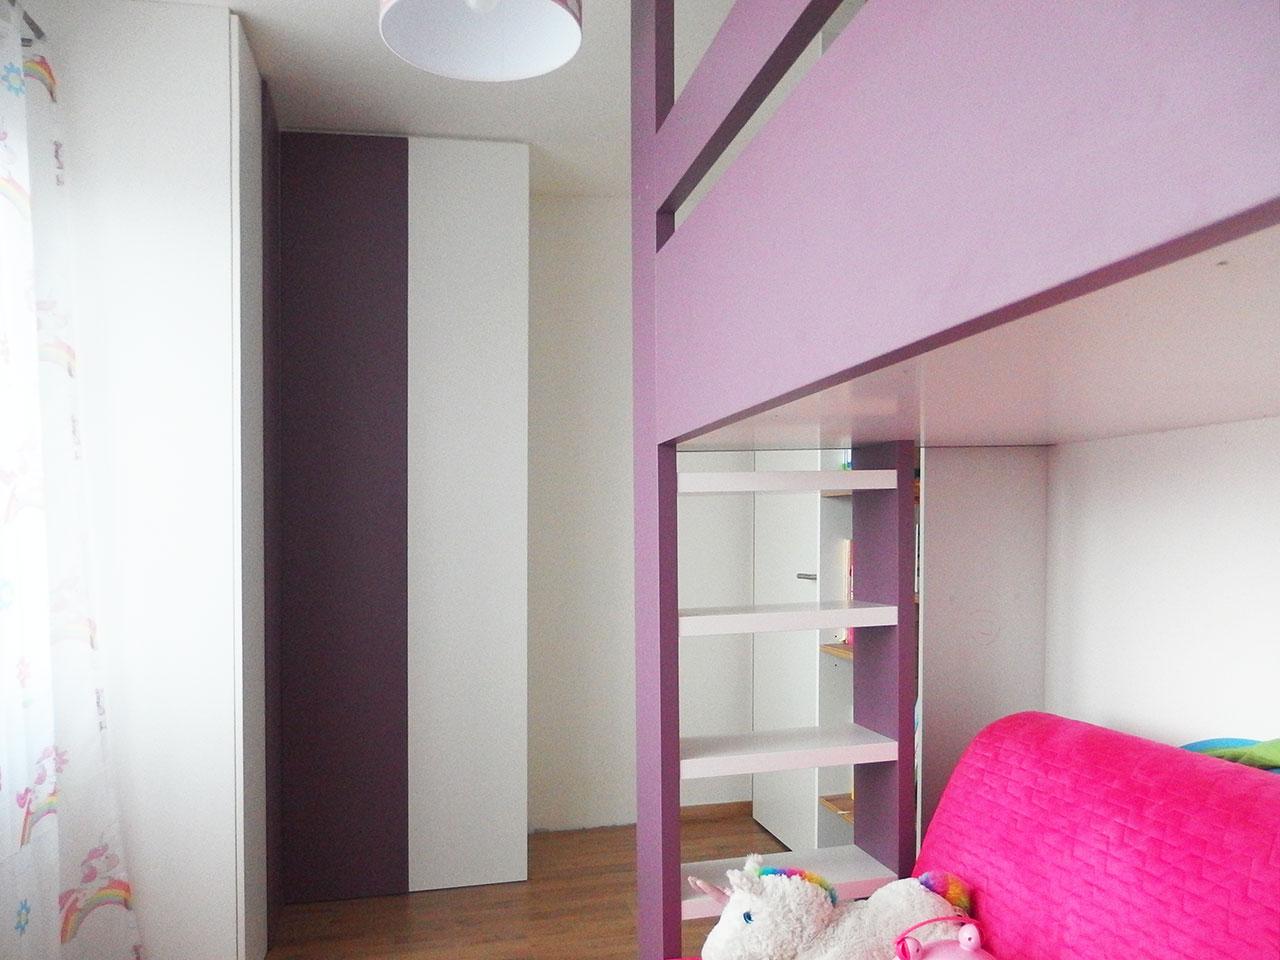 Dětský pokoj s rohovou skříní a patrovou postelí